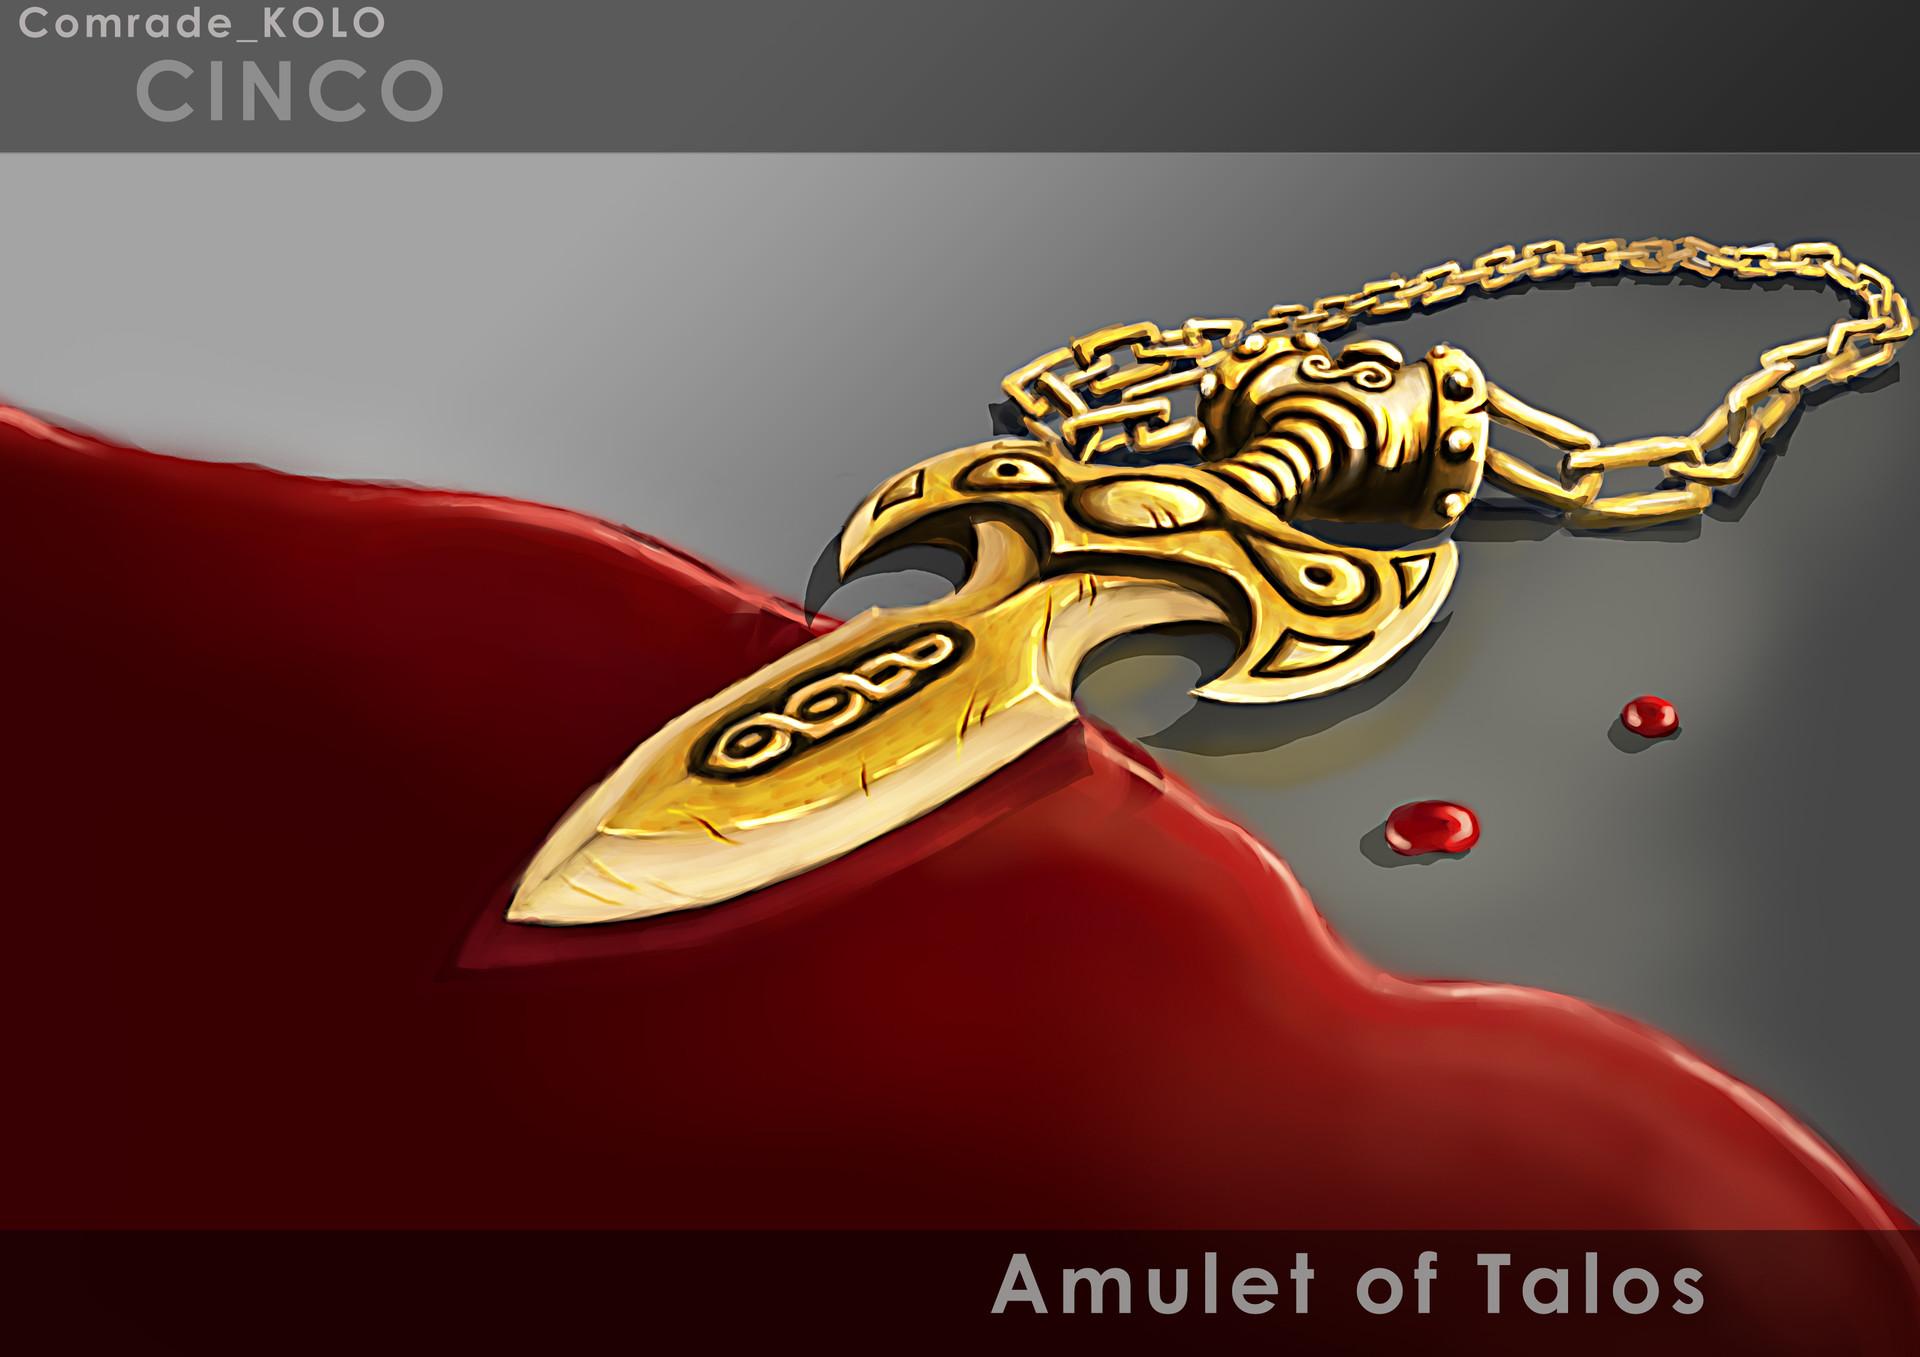 Amulet Of Talos anton kolomiets - ten 4 ivan challenge